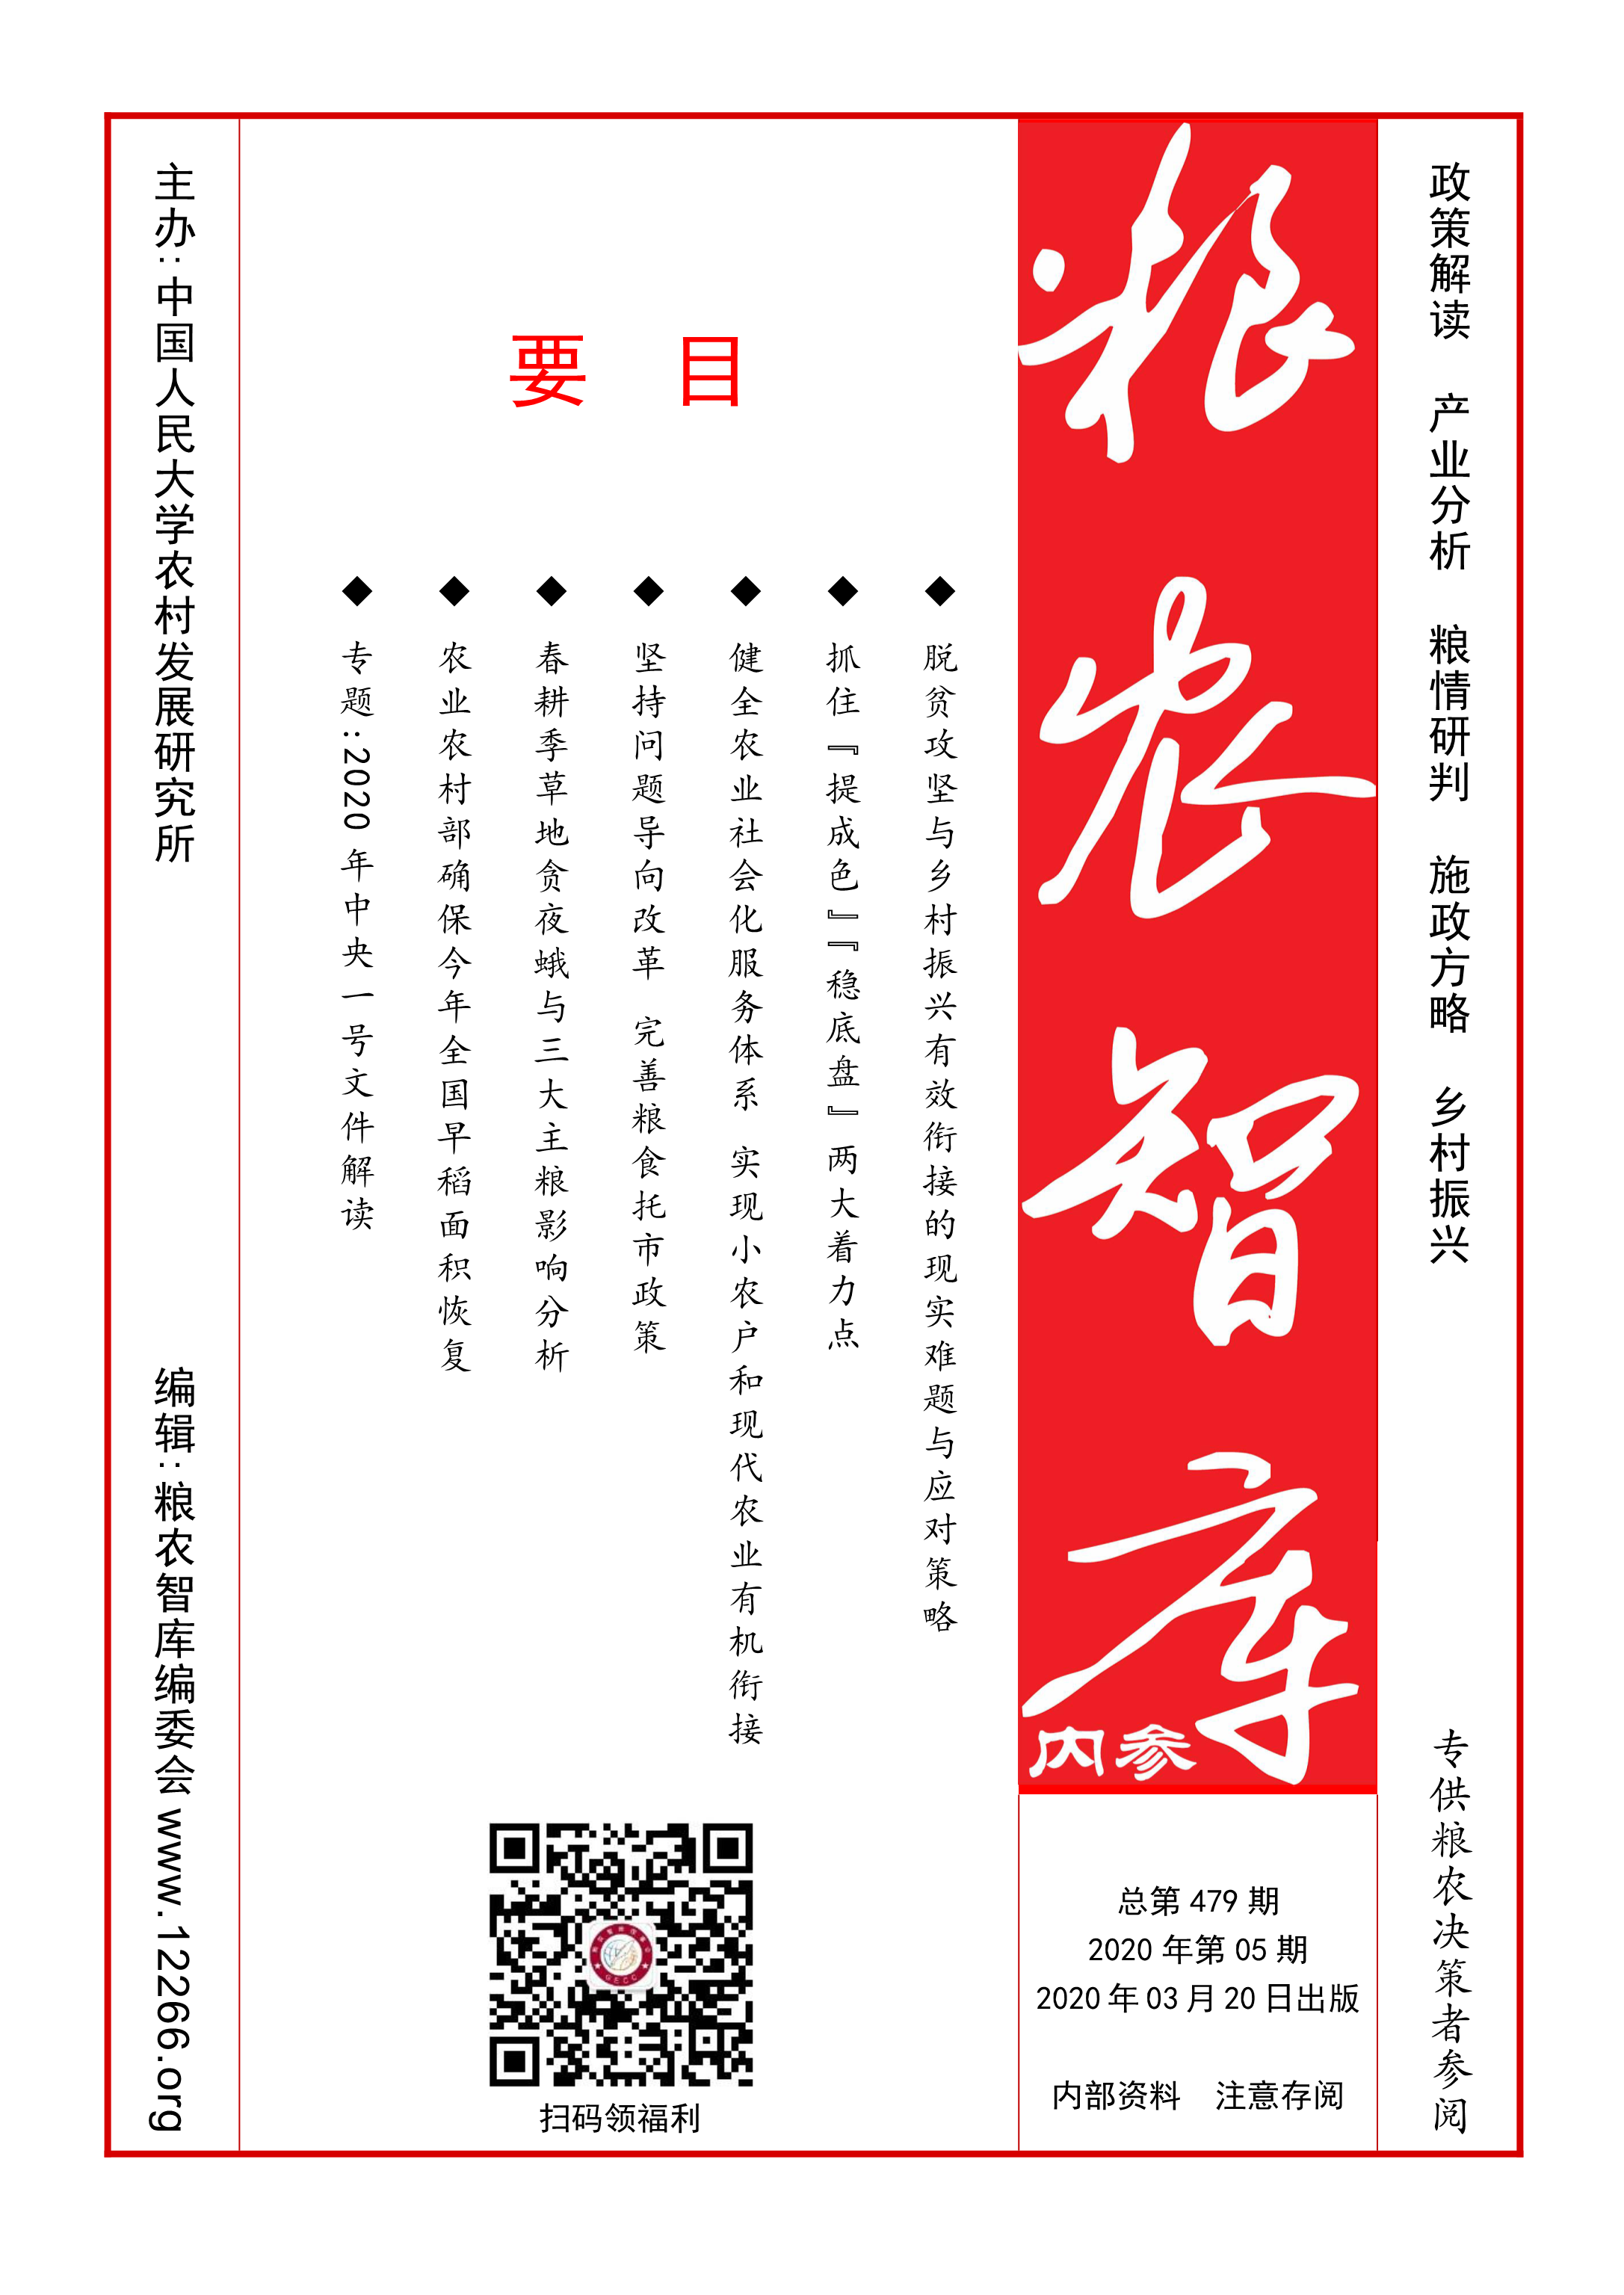 粮农智库2005.png